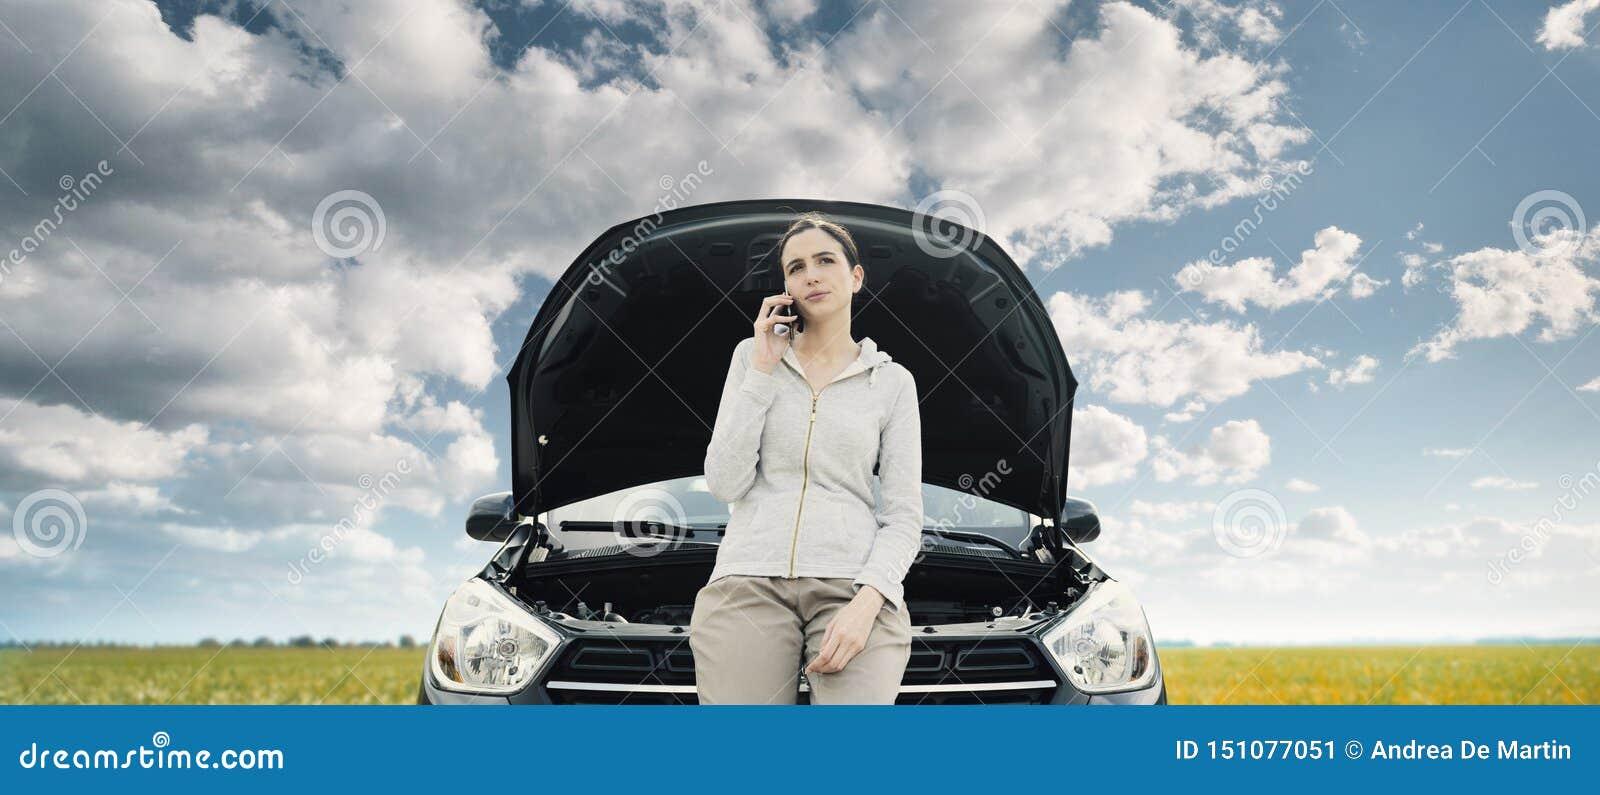 Женщина полагаясь на автомобиле и вызывая ремонтные услуги автомобиля